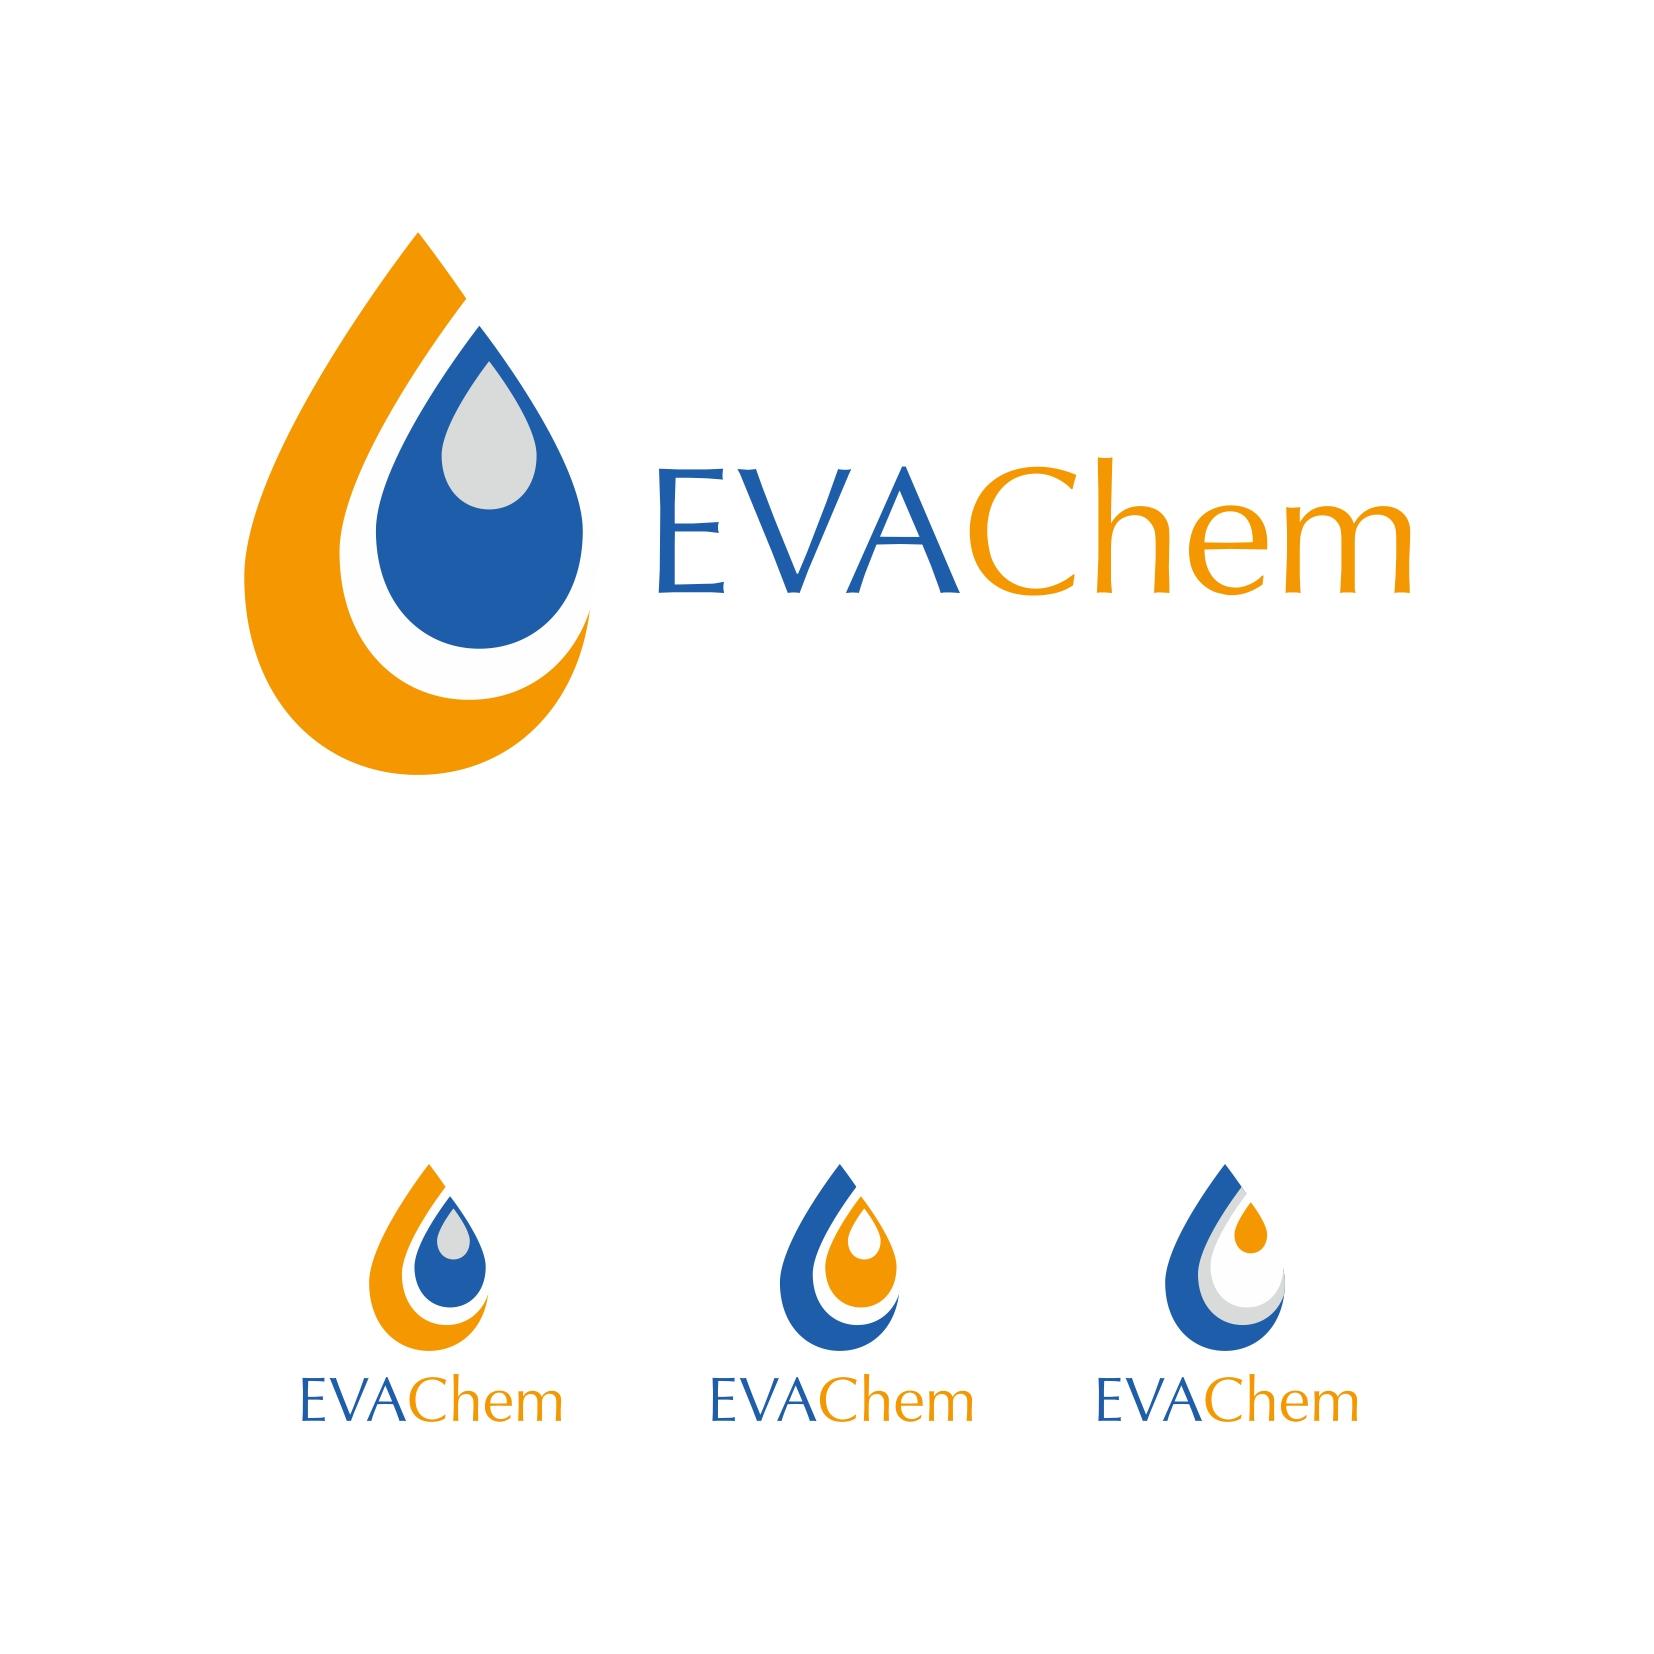 Разработка логотипа и фирменного стиля компании фото f_583571ddafe7a42b.jpg